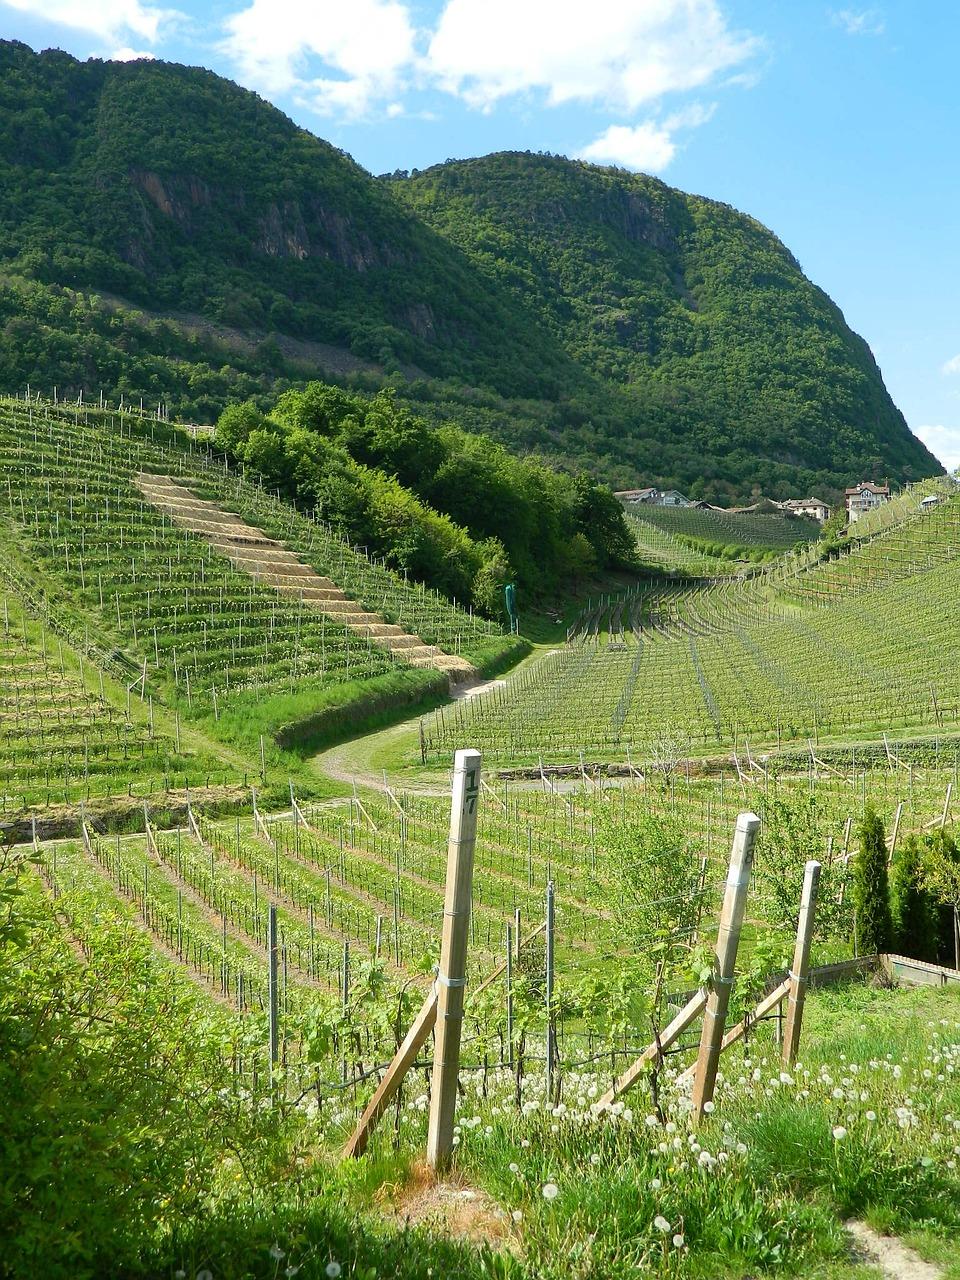 итальянские виноградники фото популярными точными